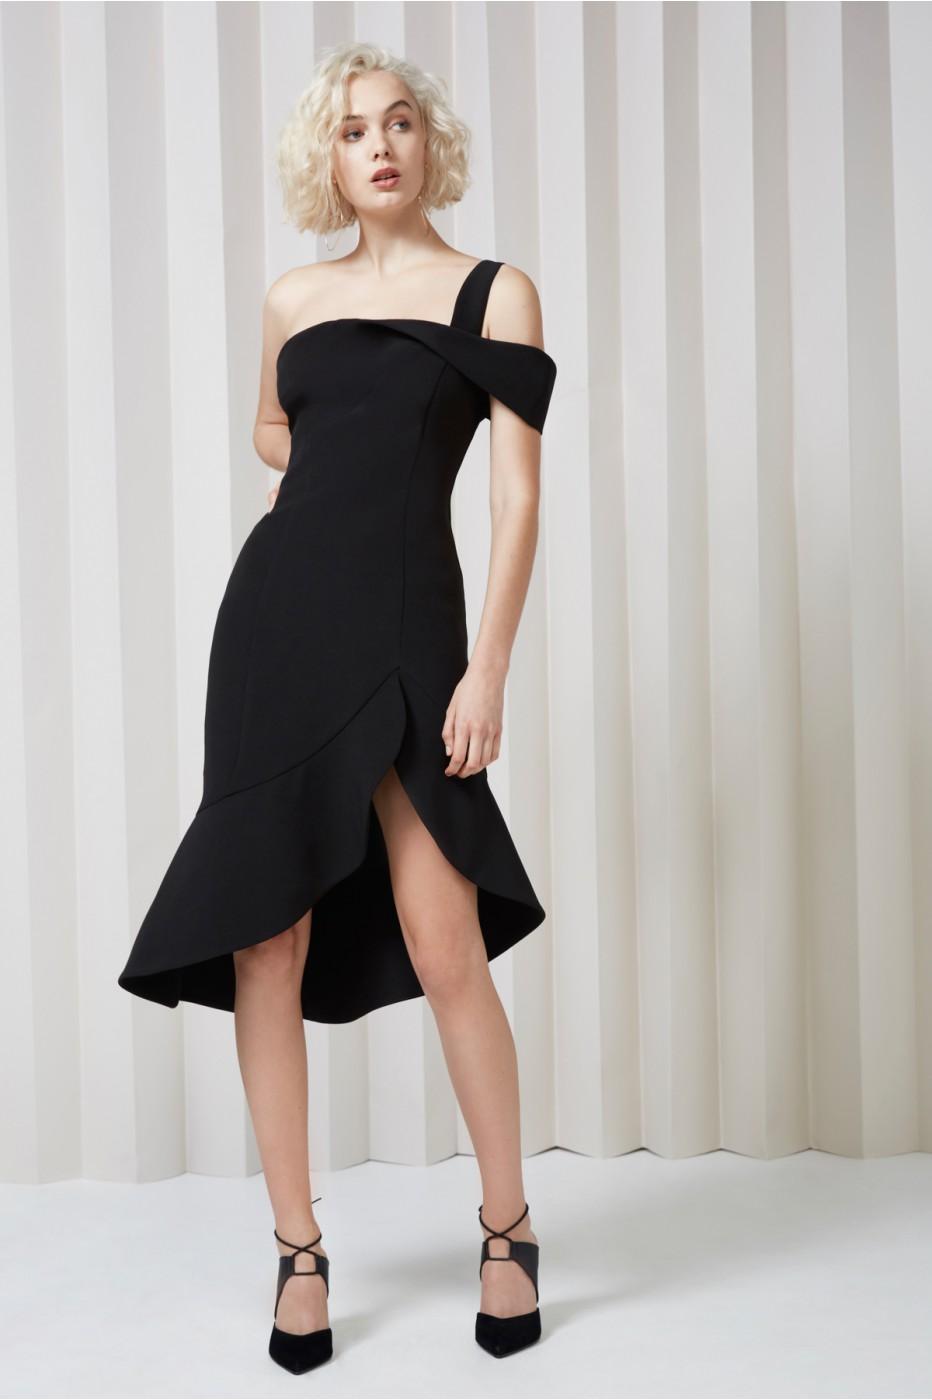 Keepsake Shooting Star Dress In Black